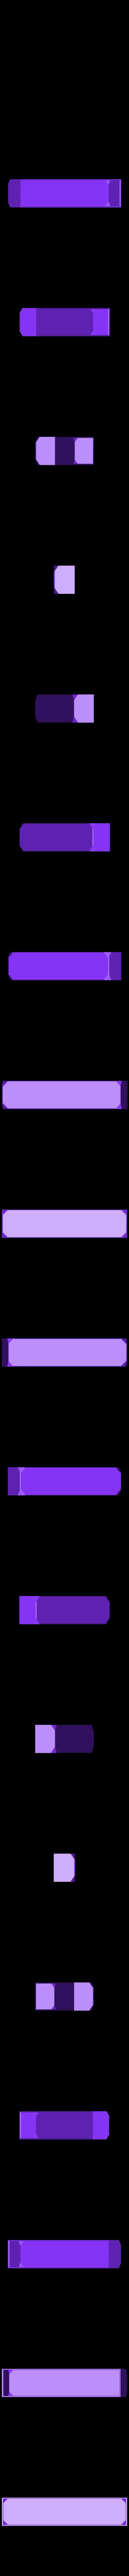 PANTONE BOX-BASE.stl Télécharger fichier STL gratuit PANTONE BOX • Objet imprimable en 3D, Ovocom